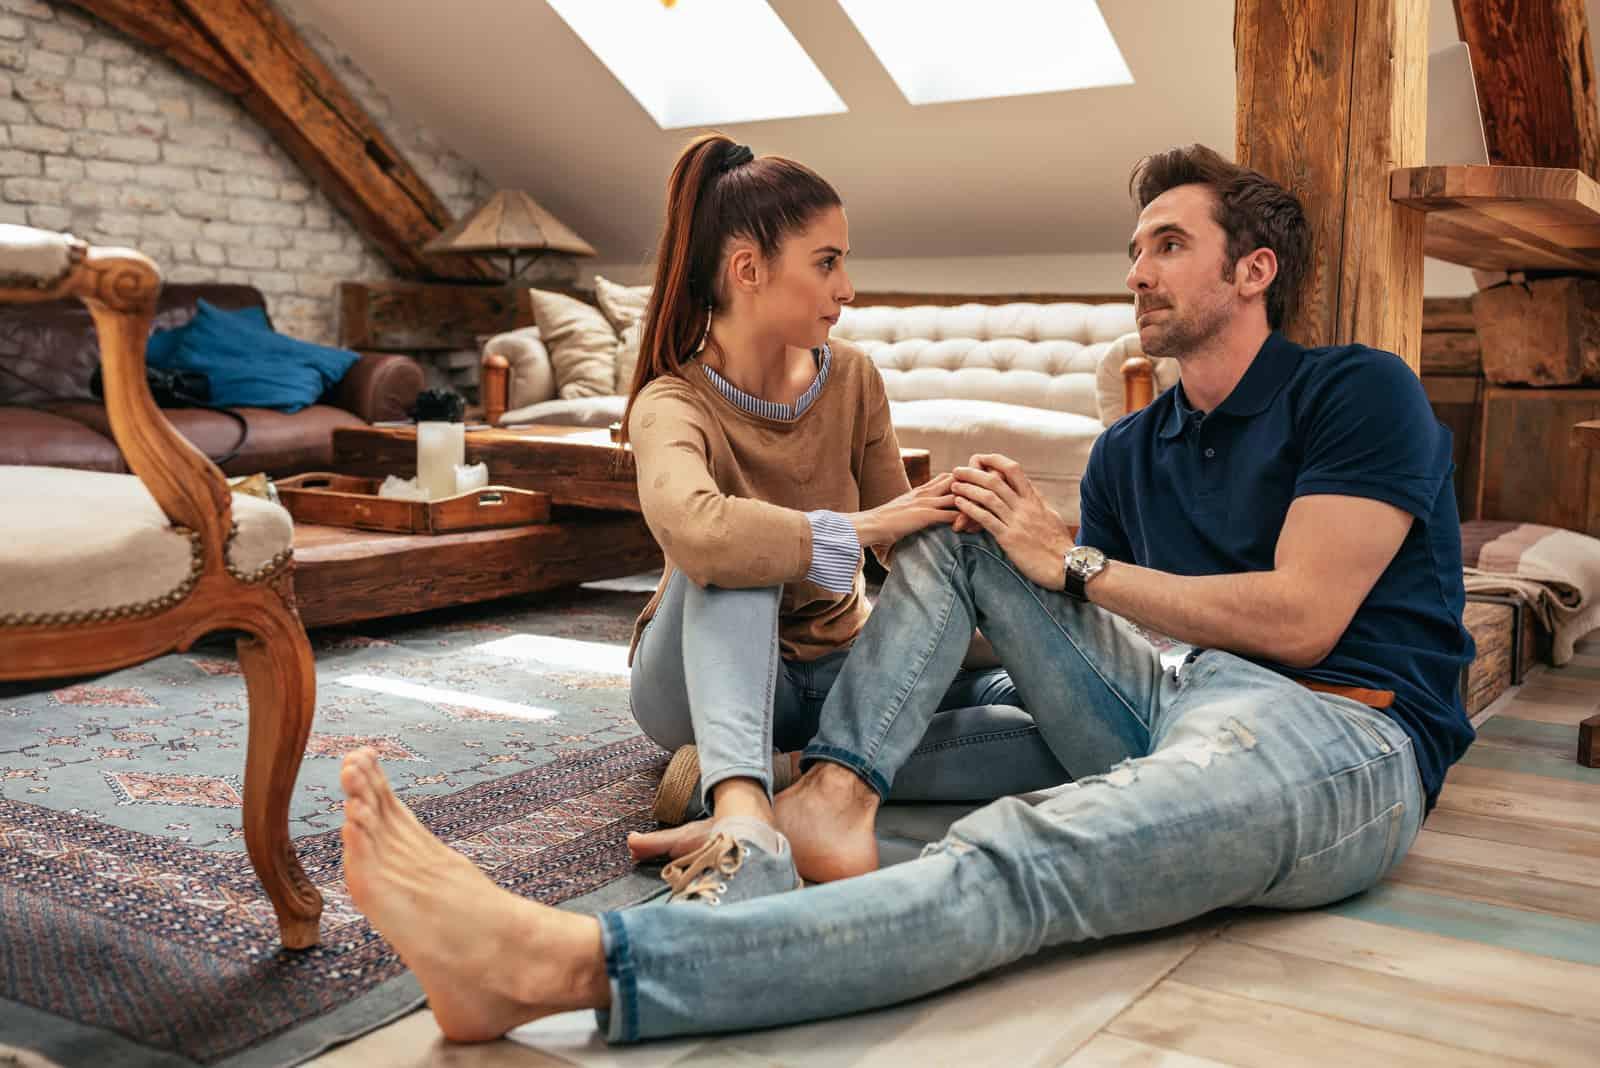 séduisant jeune couple parlant dans le salon